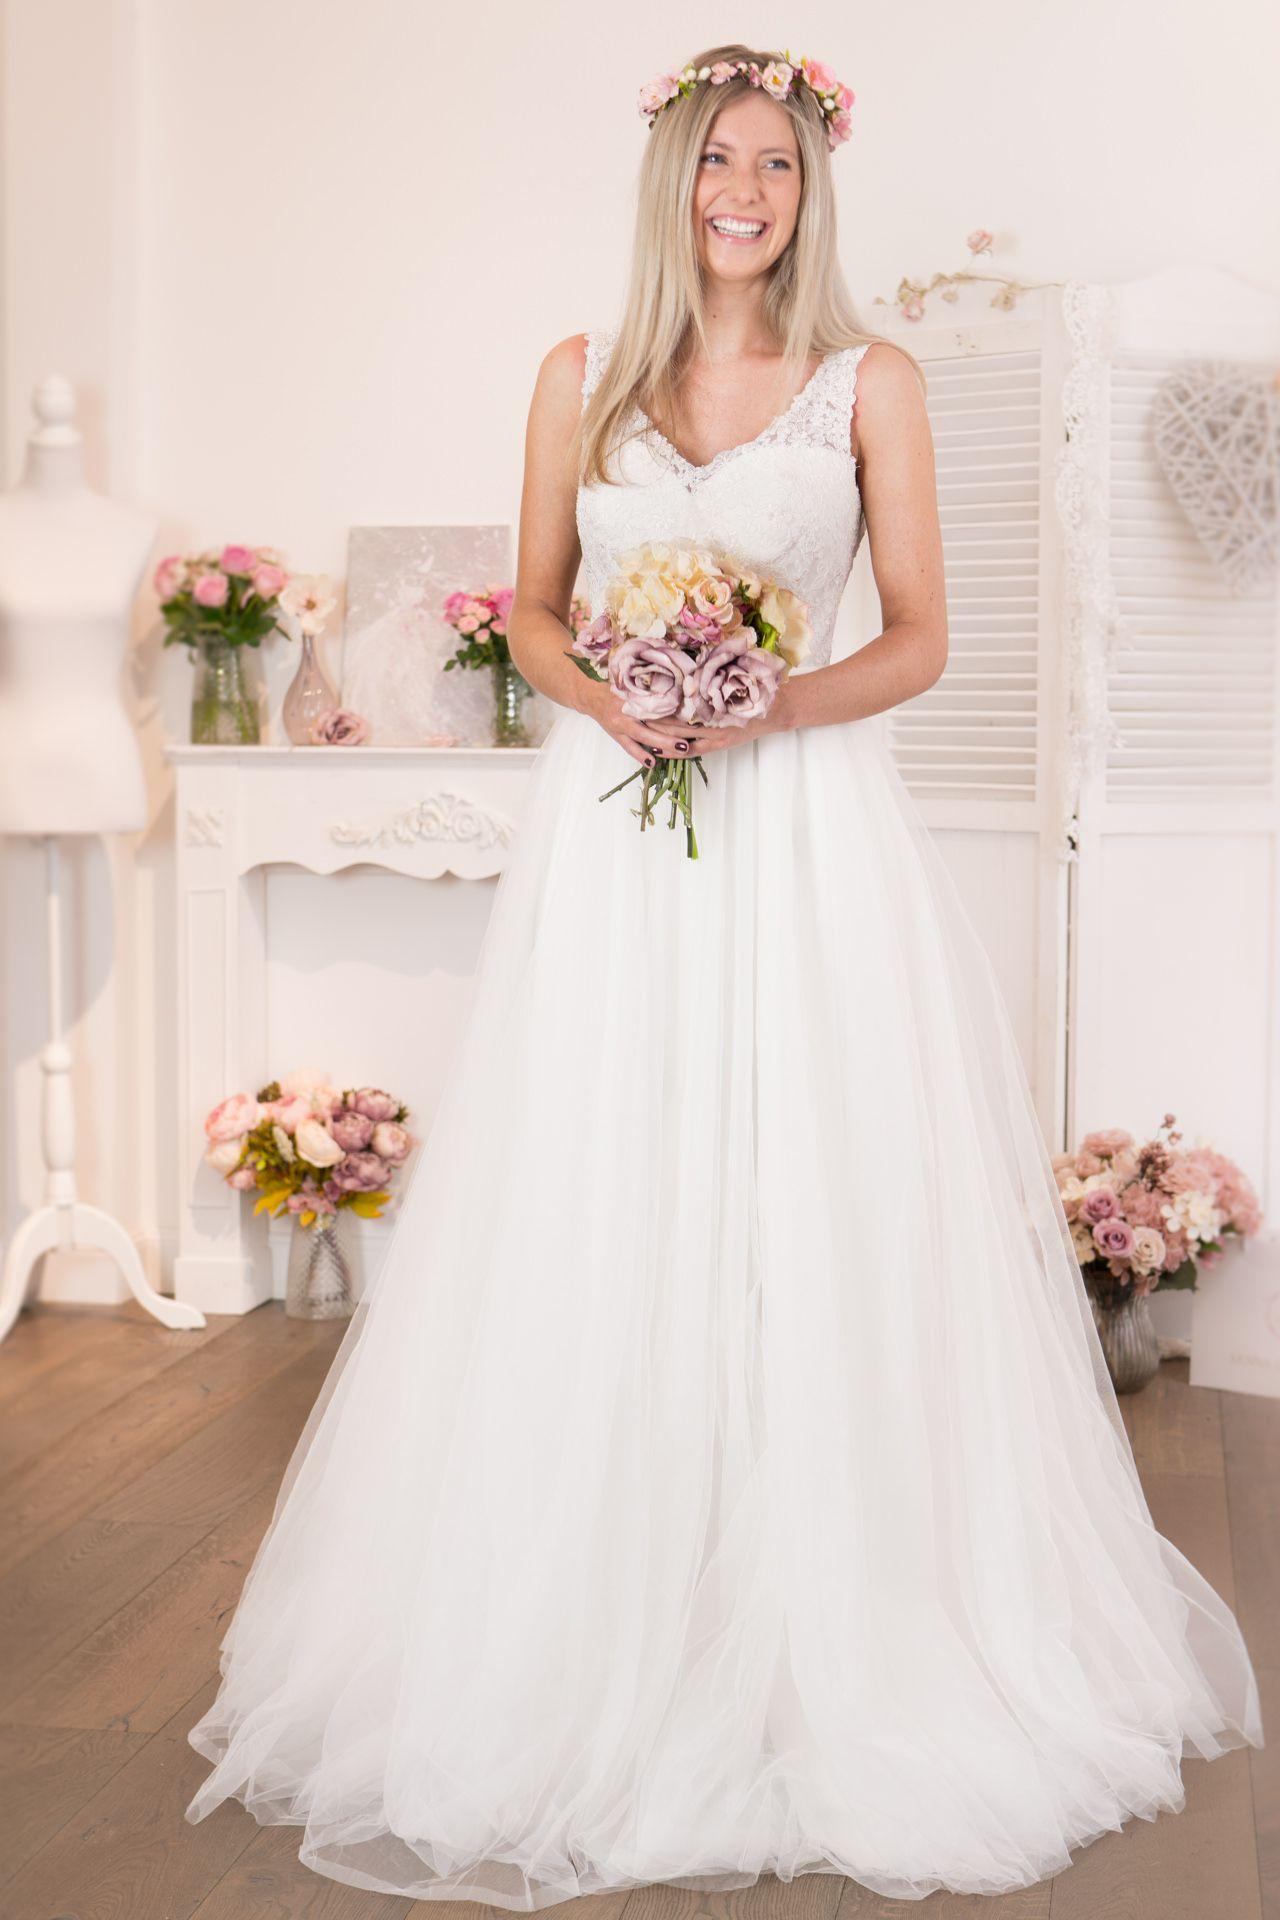 Kollektion  Hochzeitskleid, Romantische hochzeitskleider und Braut